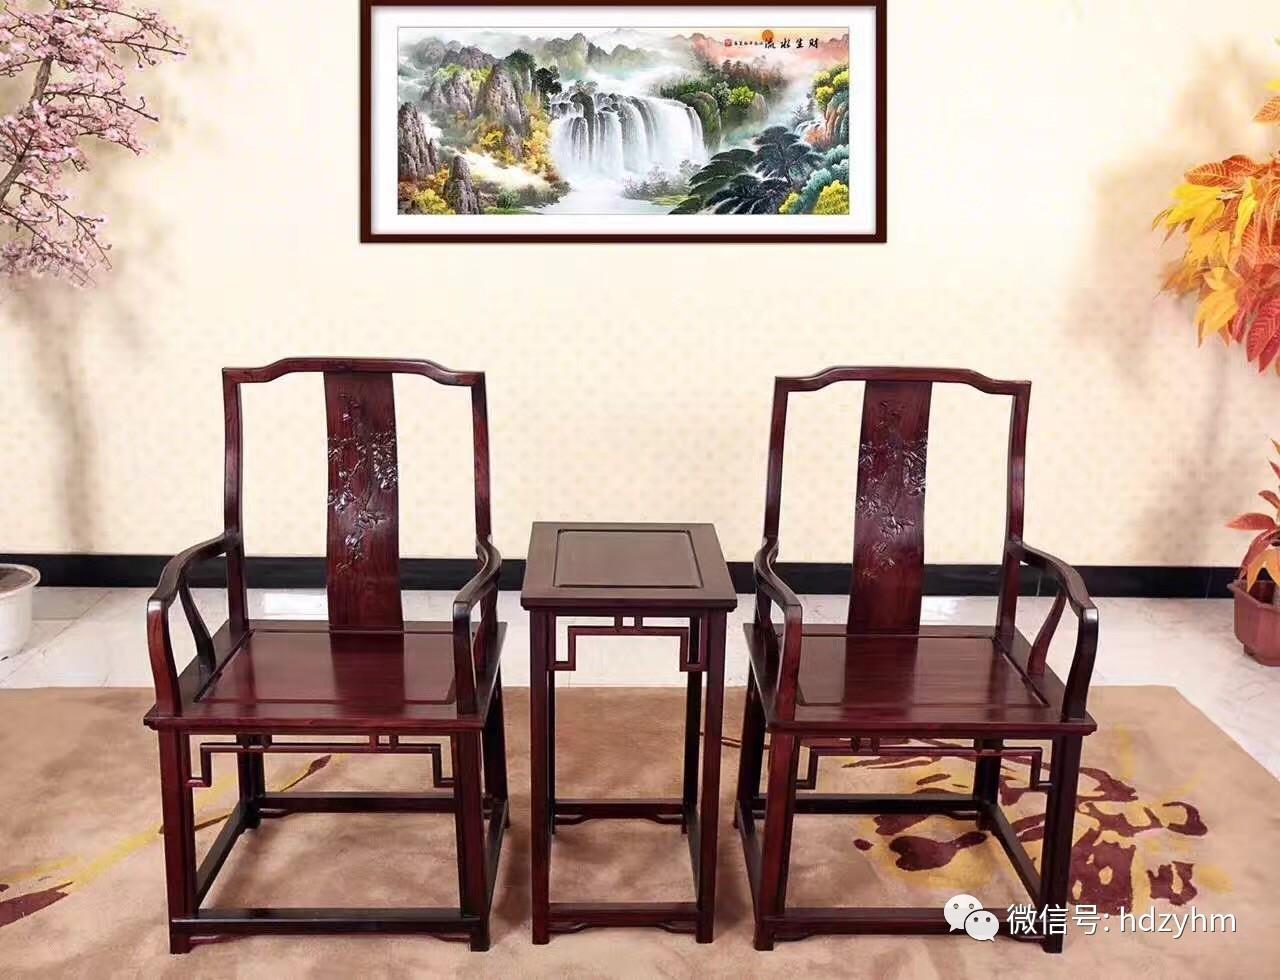 中式红木家具布置的书房,沉静悠然!